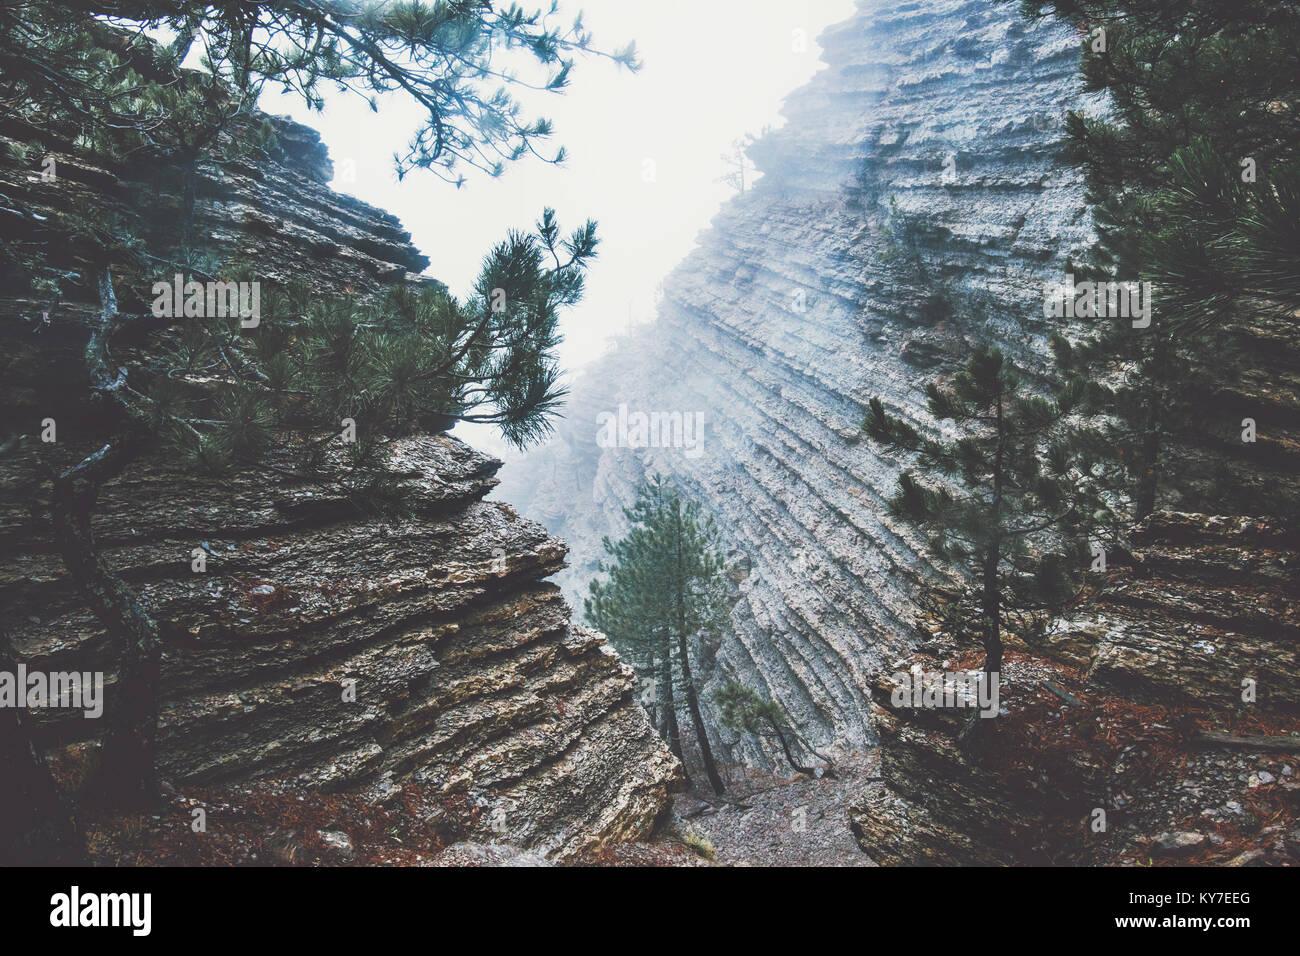 Felsen im nebligen Wald Landschaft malerischen Blick Reisen ruhige Landschaft regnerischen Tag Stockbild